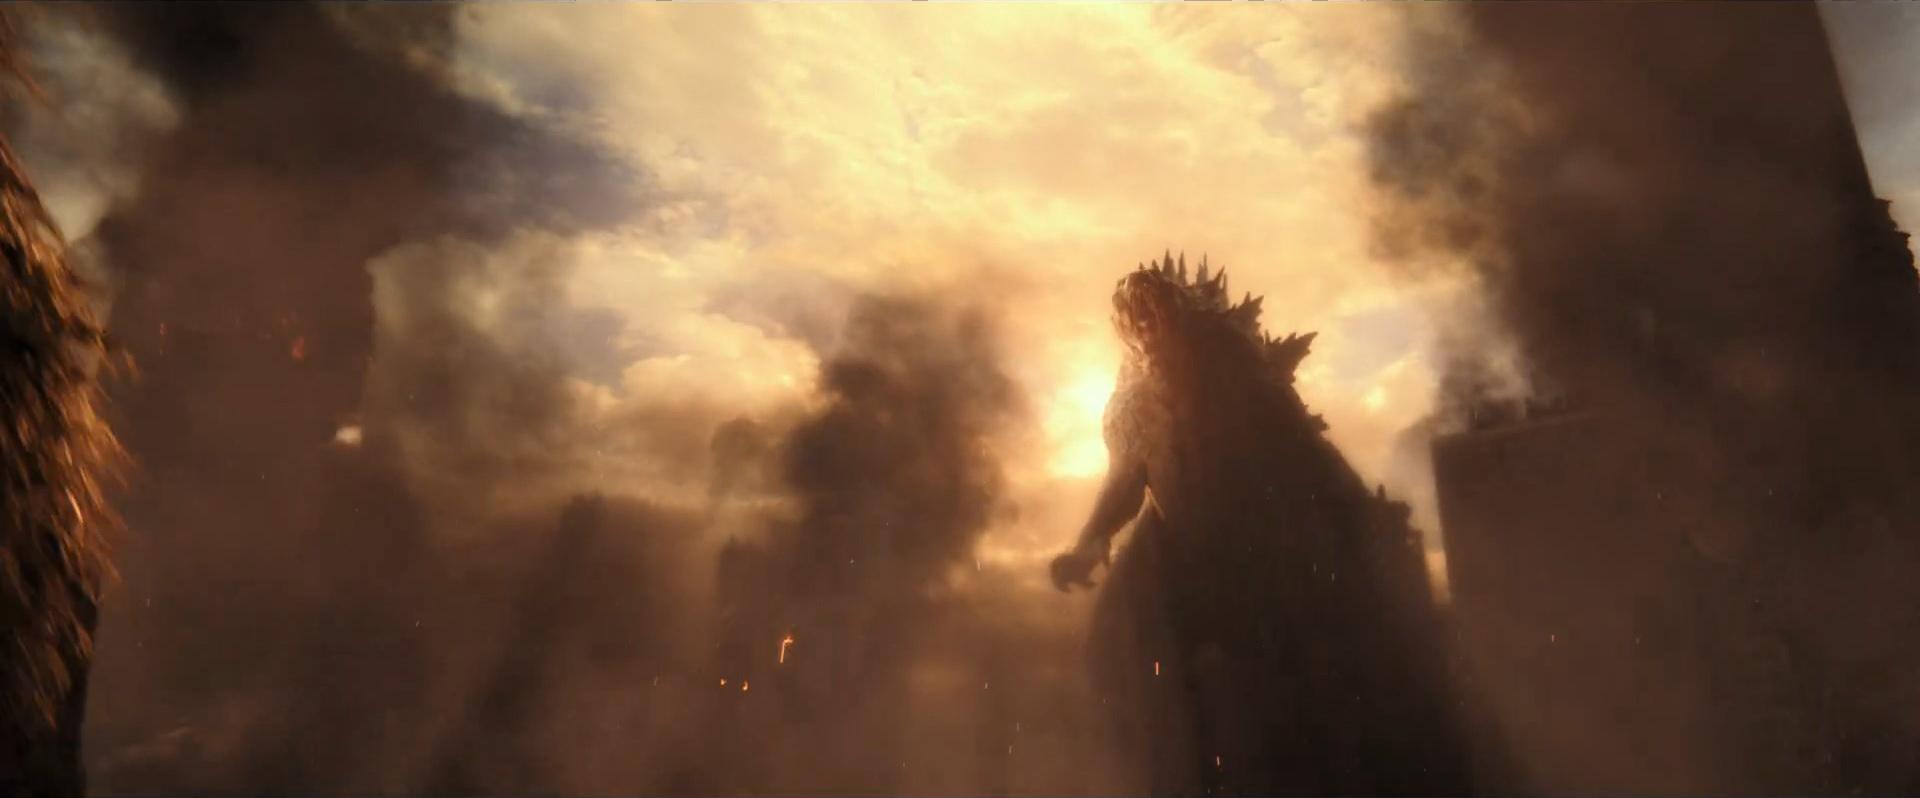 Godzilla vs Kong Trailer Still 67